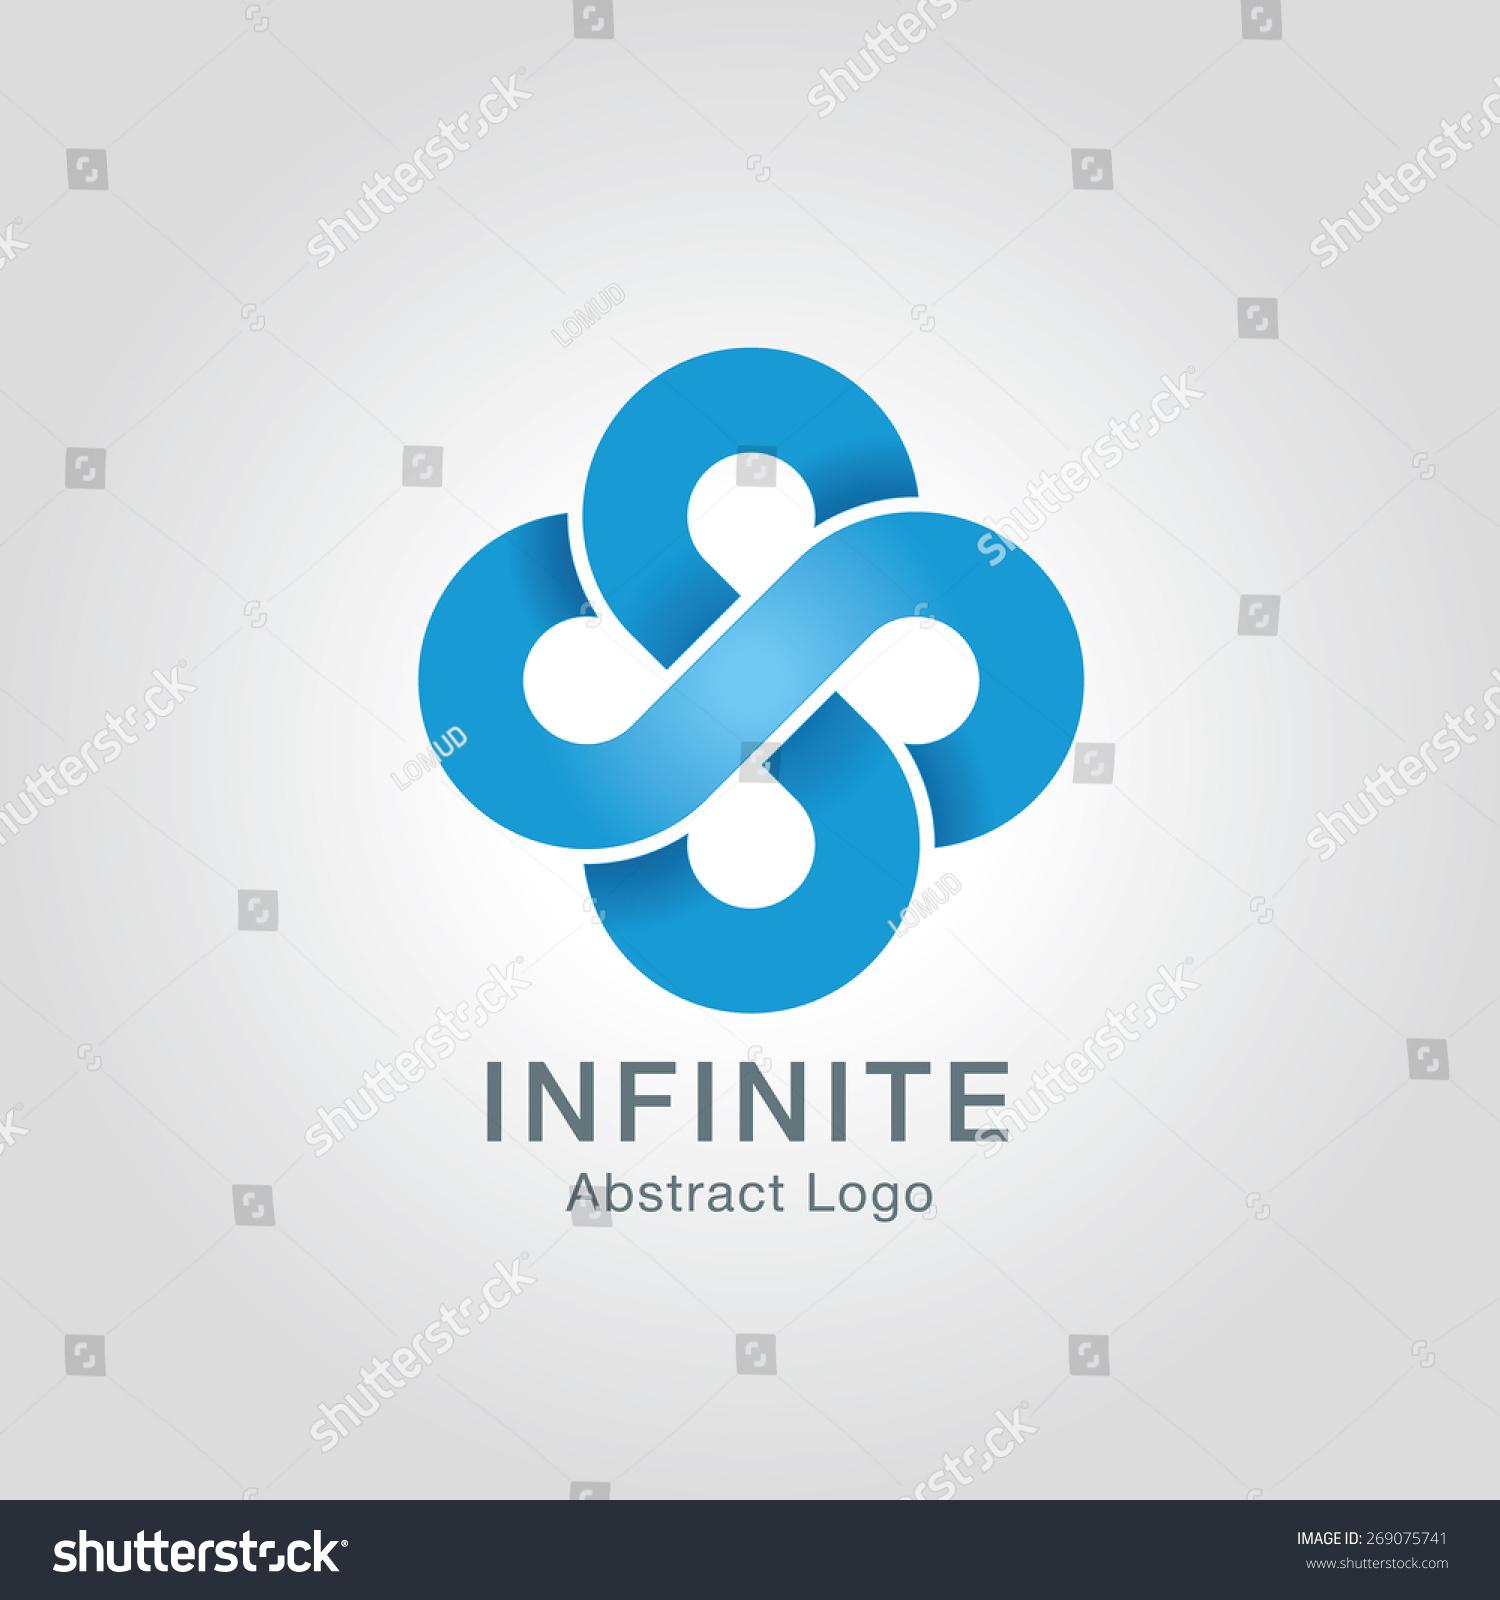 Infinite Limitless Symbol Icon Logo Design Stock Photo Photo